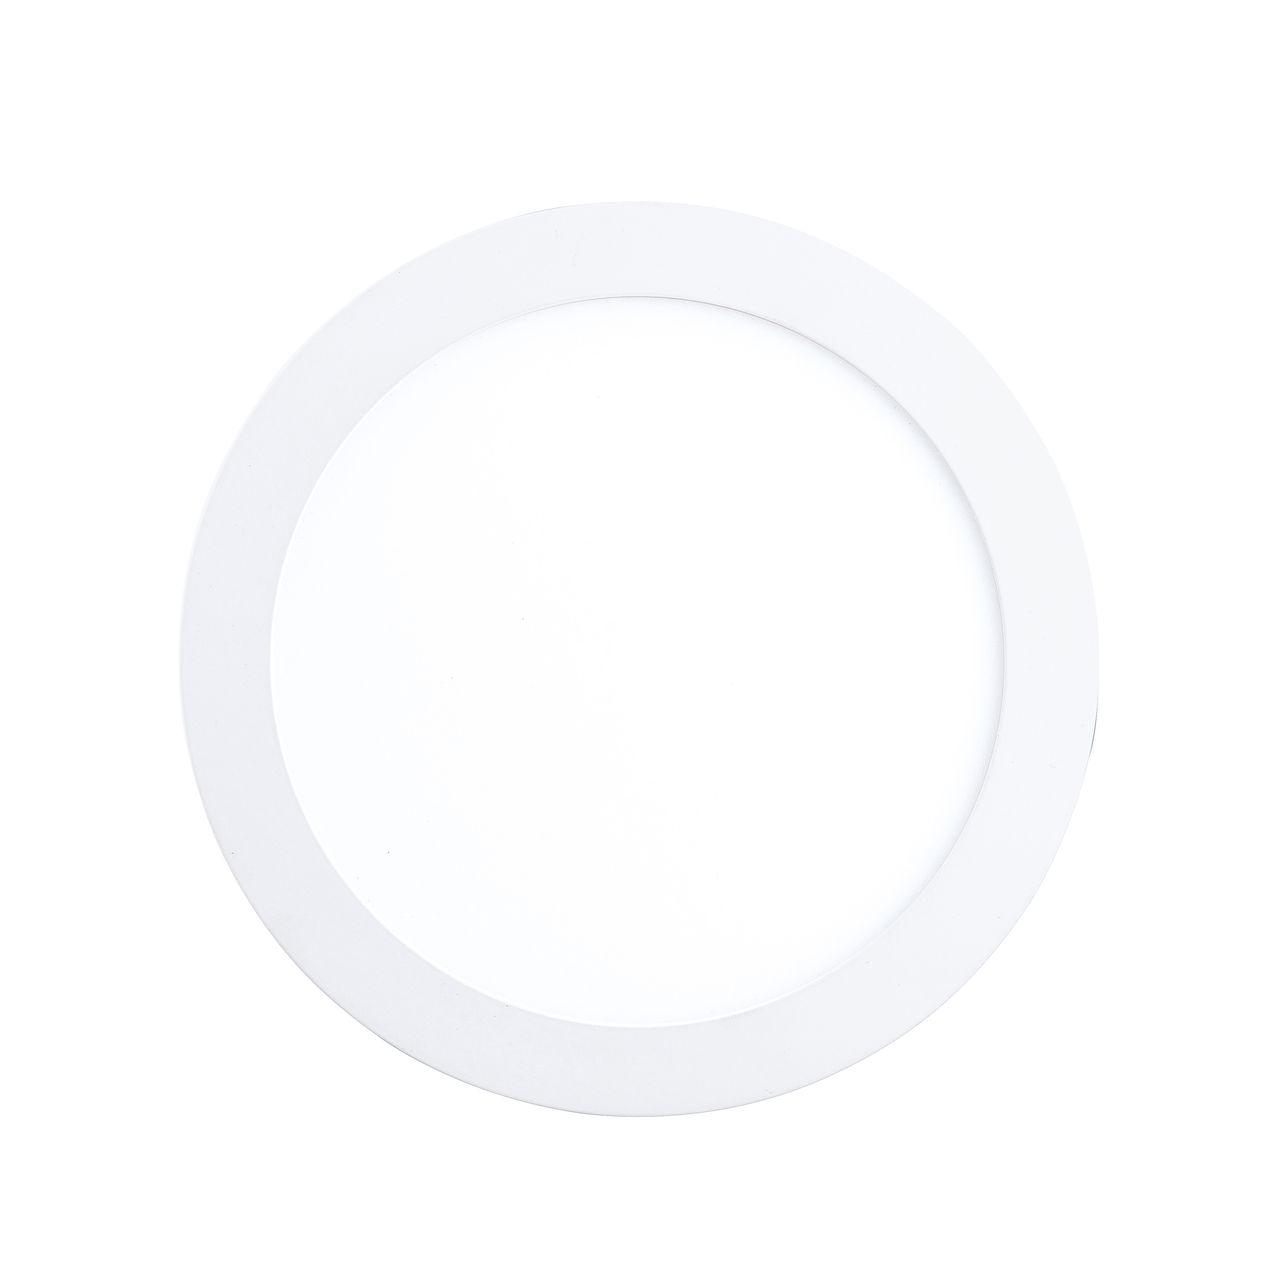 Встраиваемый светильник Eglo Fueva 1 94056 встраиваемый светильник eglo 94402 желтый